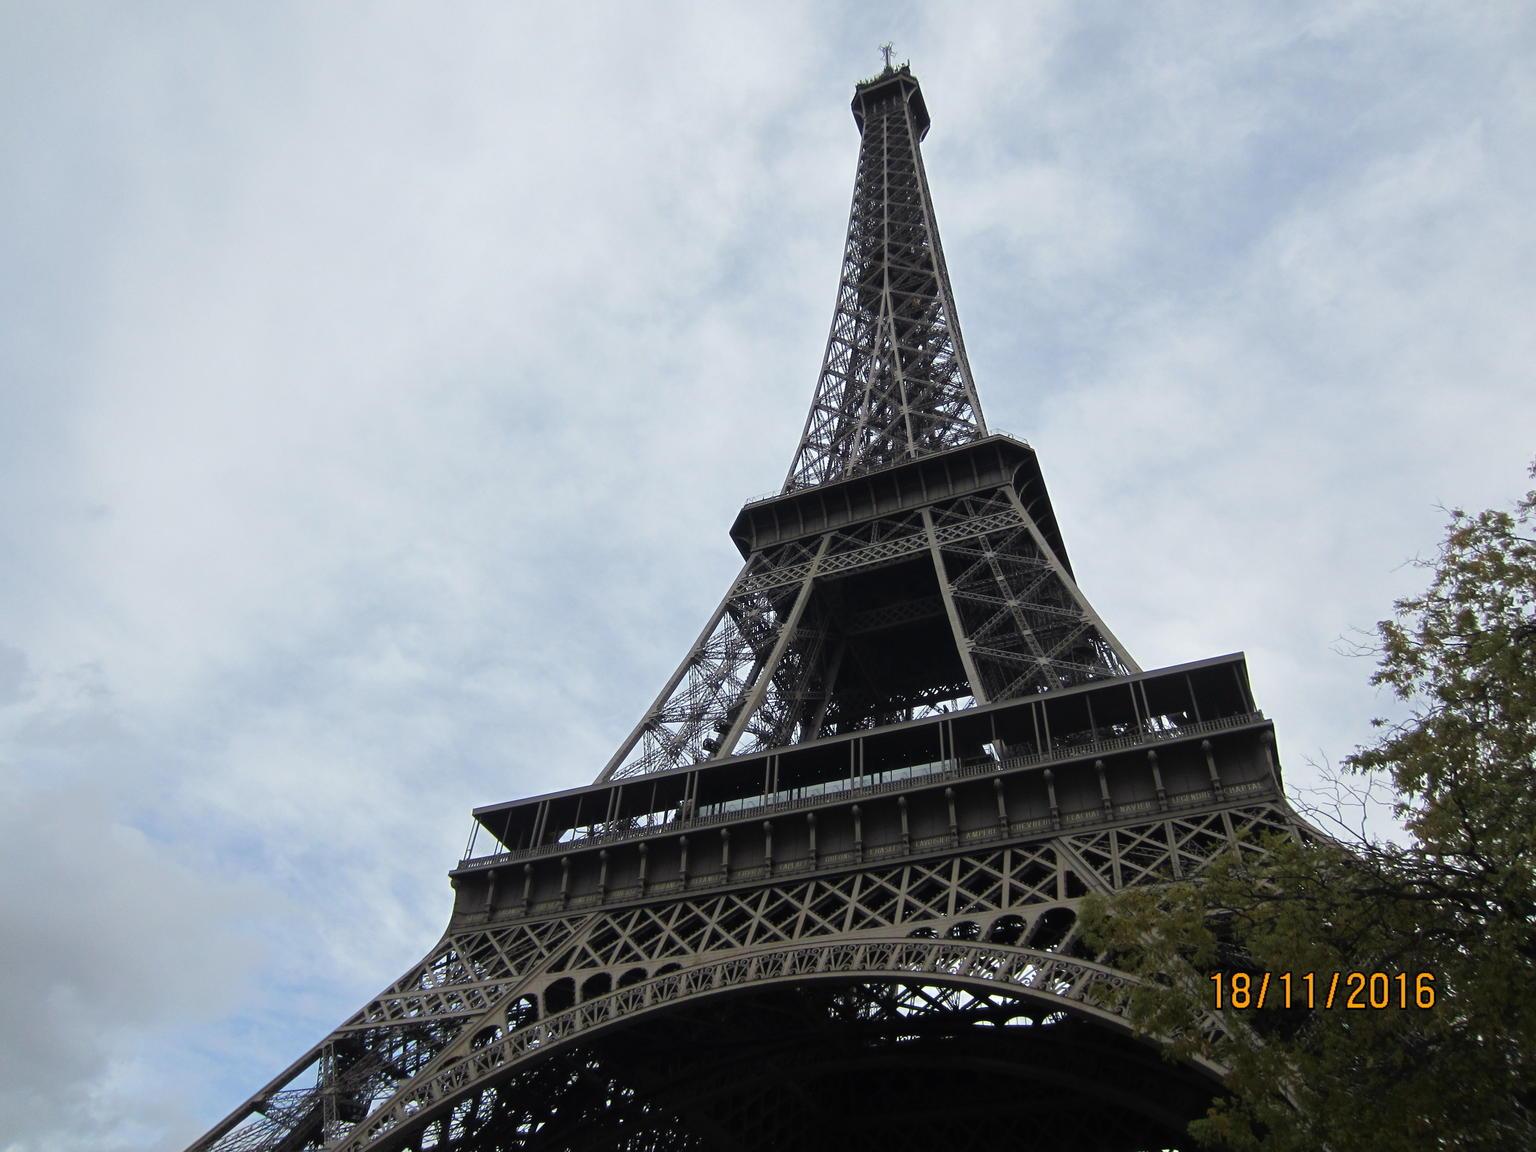 MAIS FOTOS, Traslado de partida de Paris: Aeroporto Charles de Gaulle (CDG)